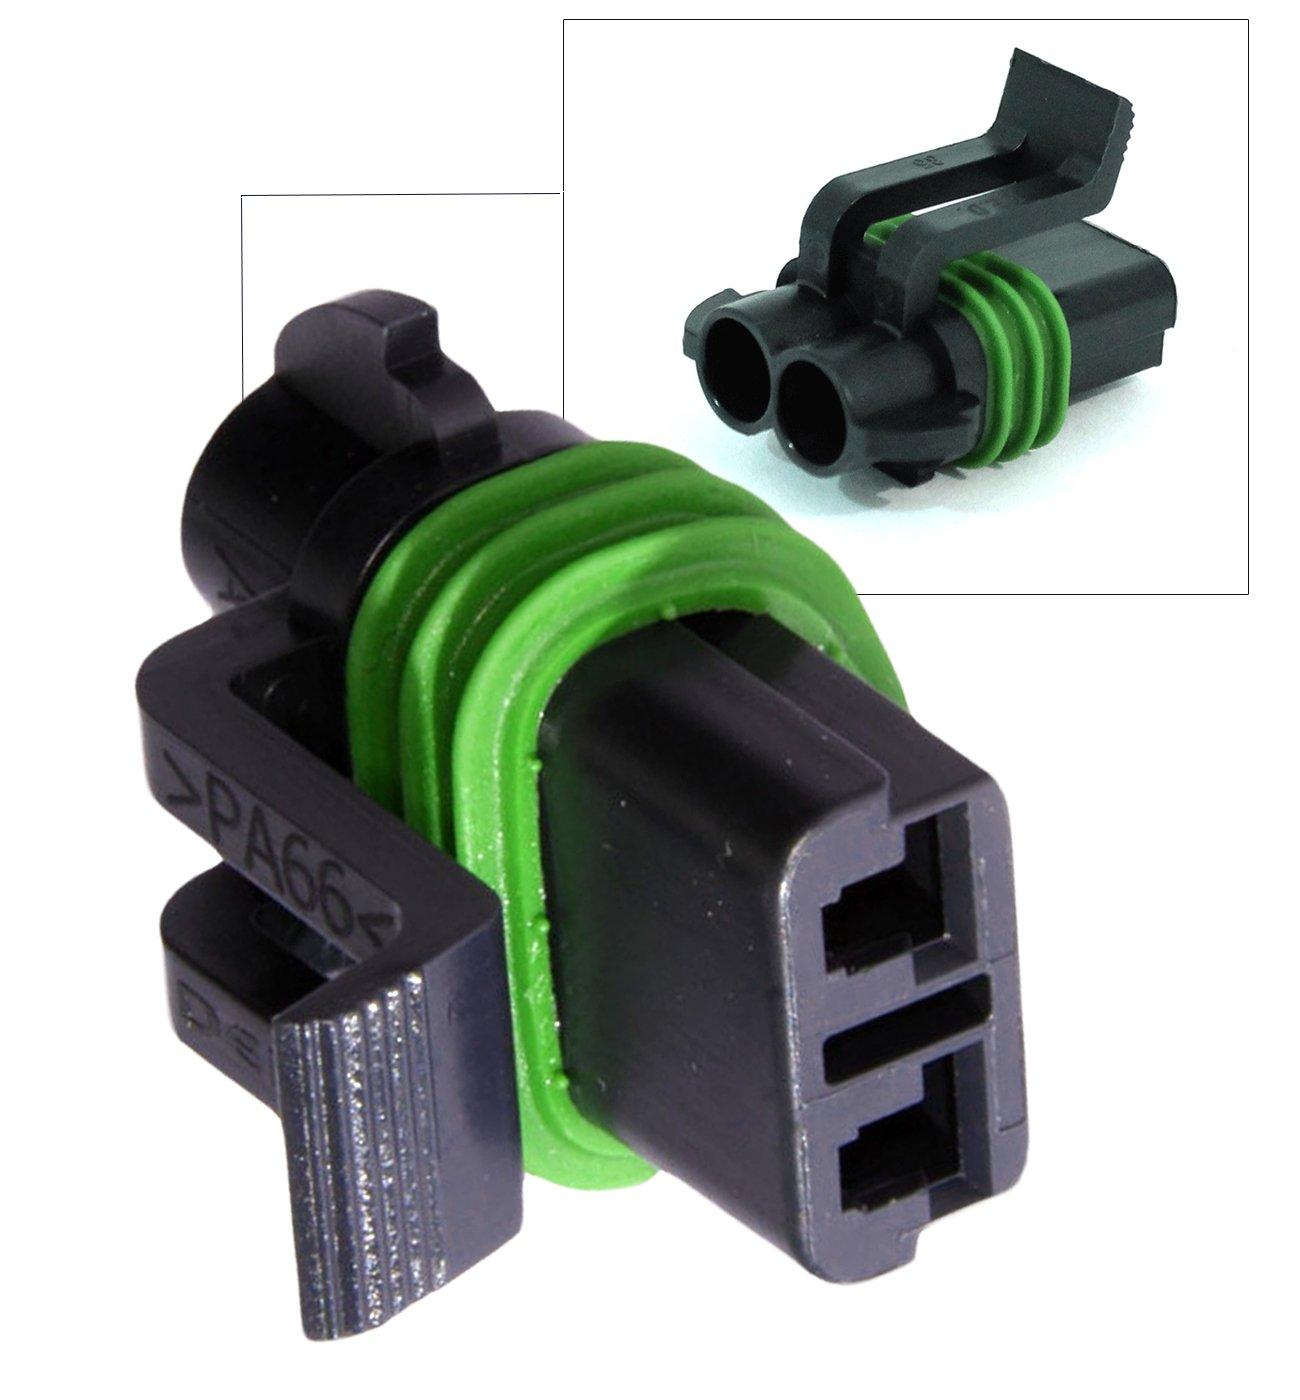 Delphi Metri-Pack 280 Series 2-Way Connector w//12-14 AWG Sealed Waterproof Set